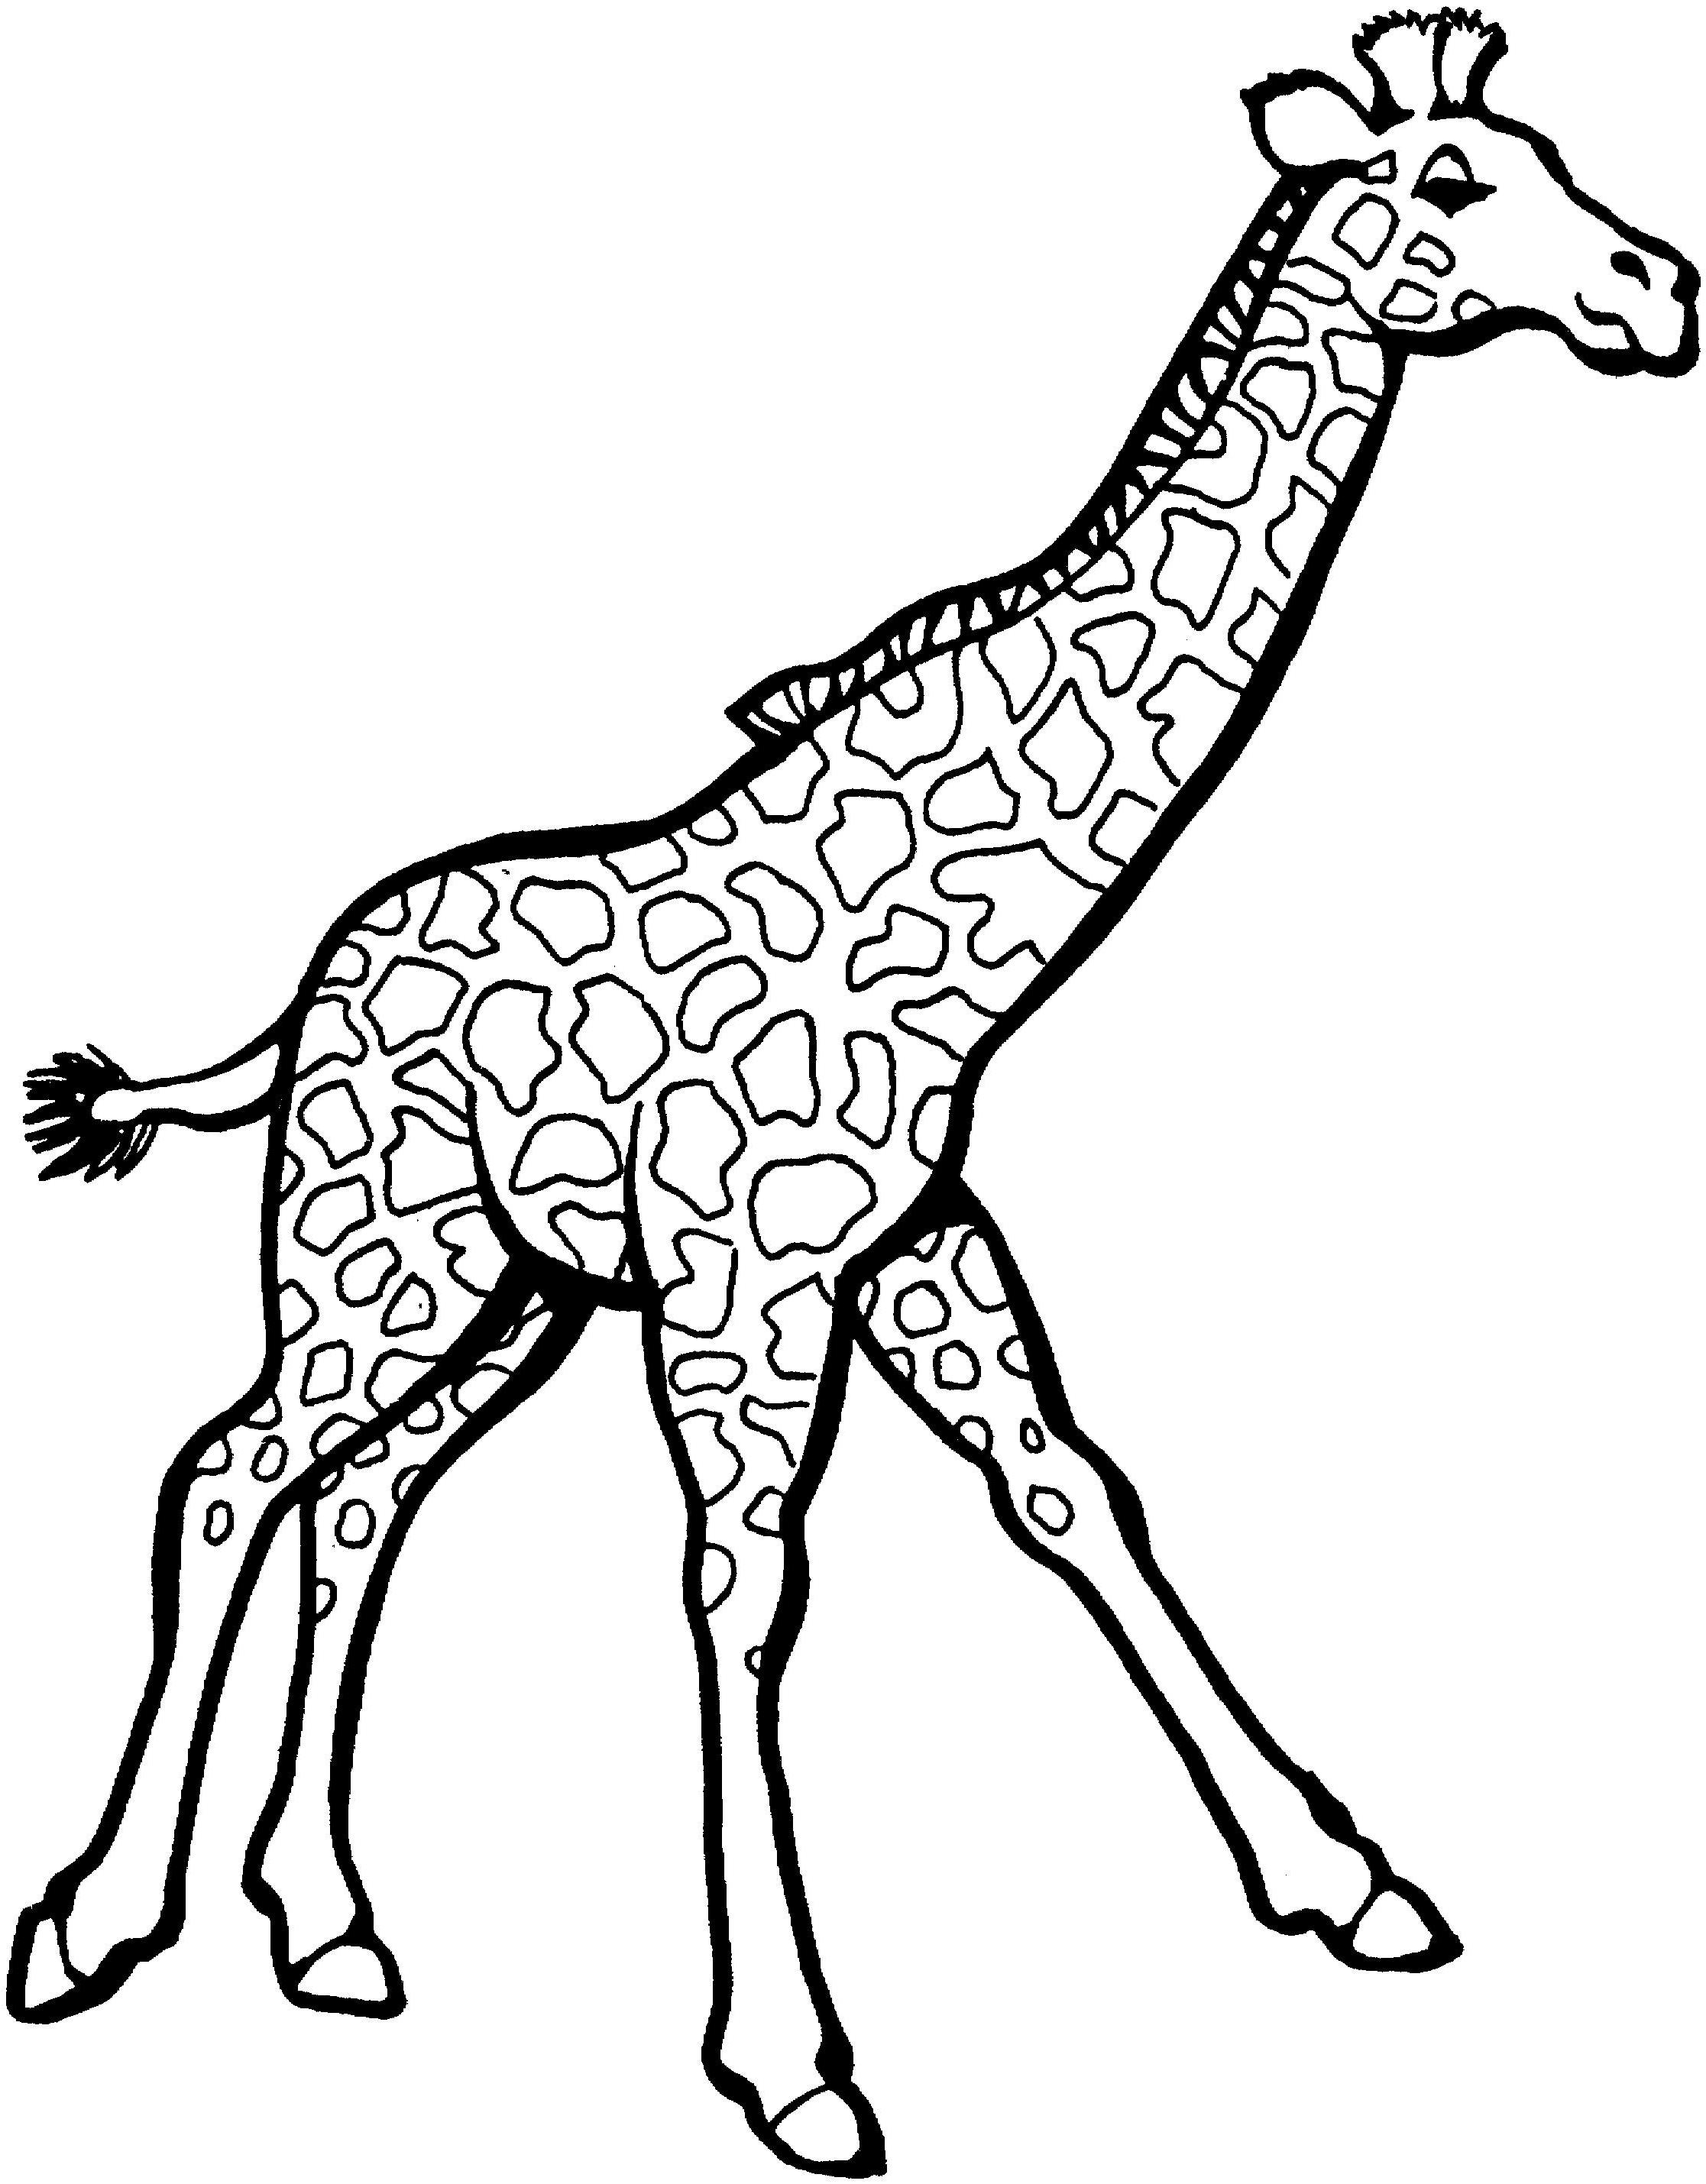 Zürafa Boyama 8 Sınıf öğretmenleri Için ücretsiz özgün Etkinlikler